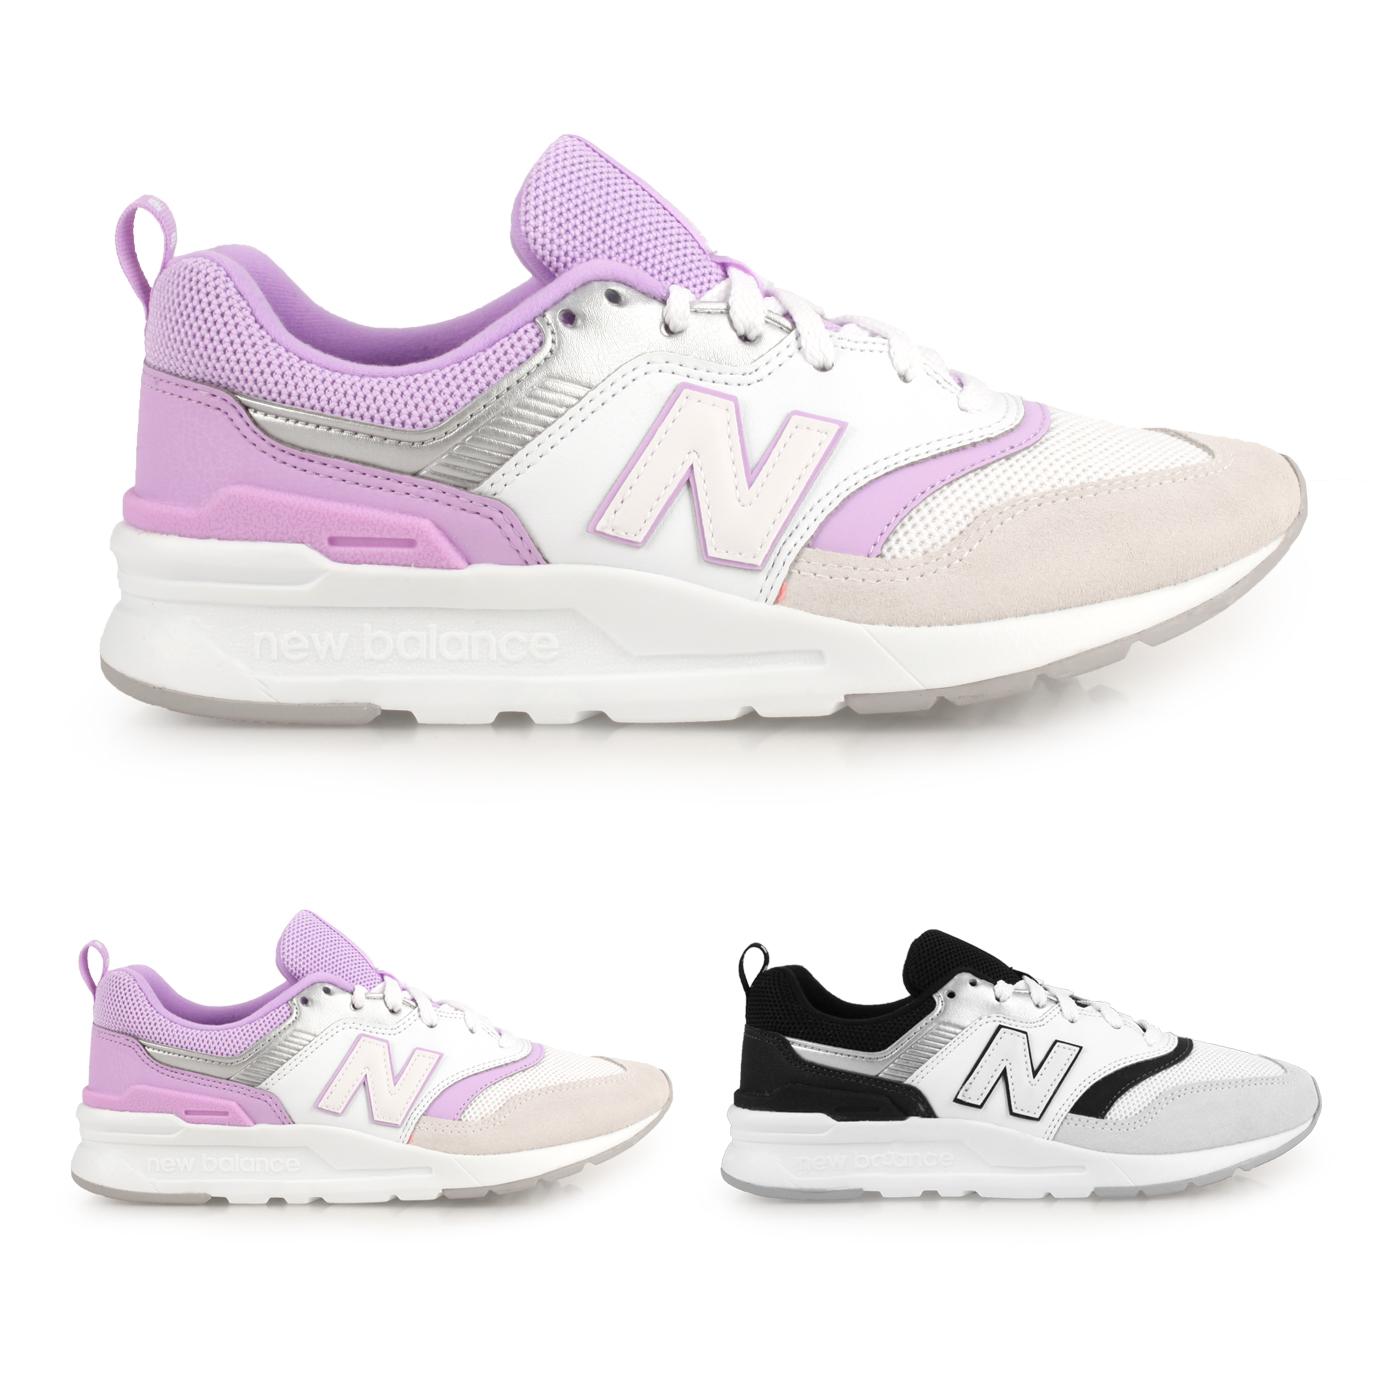 NEW BALANCE 女款經典復刻慢跑鞋  @997系列@CW997HEA